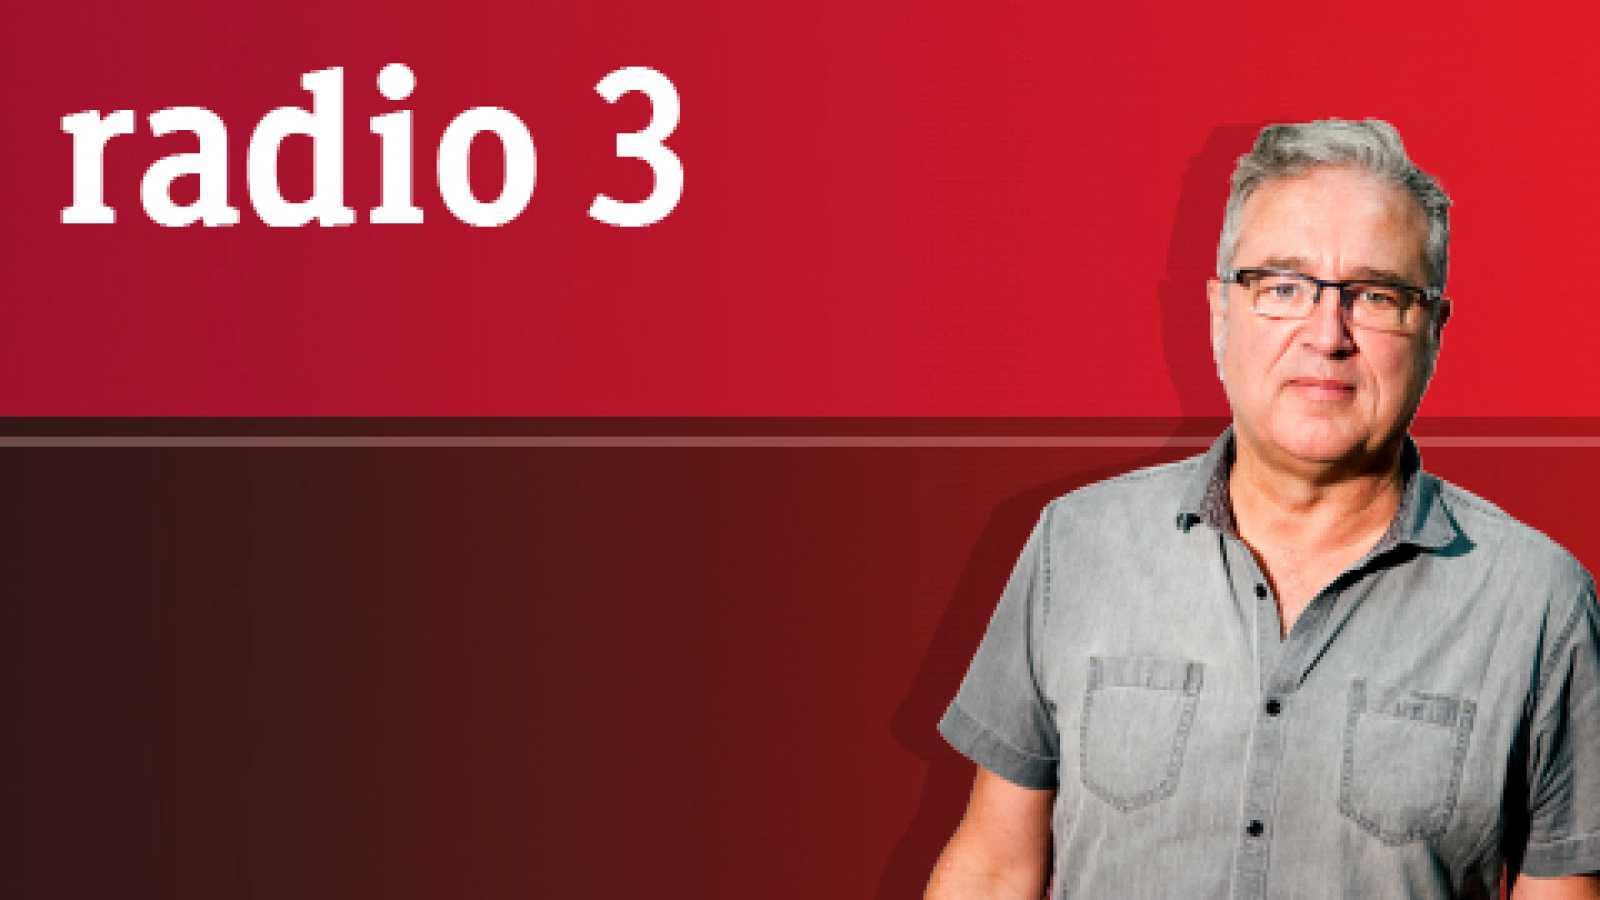 Tarataña - Lo nuevo de Luis Antonio Pedraza - 20/10/18 - escuchar ahora